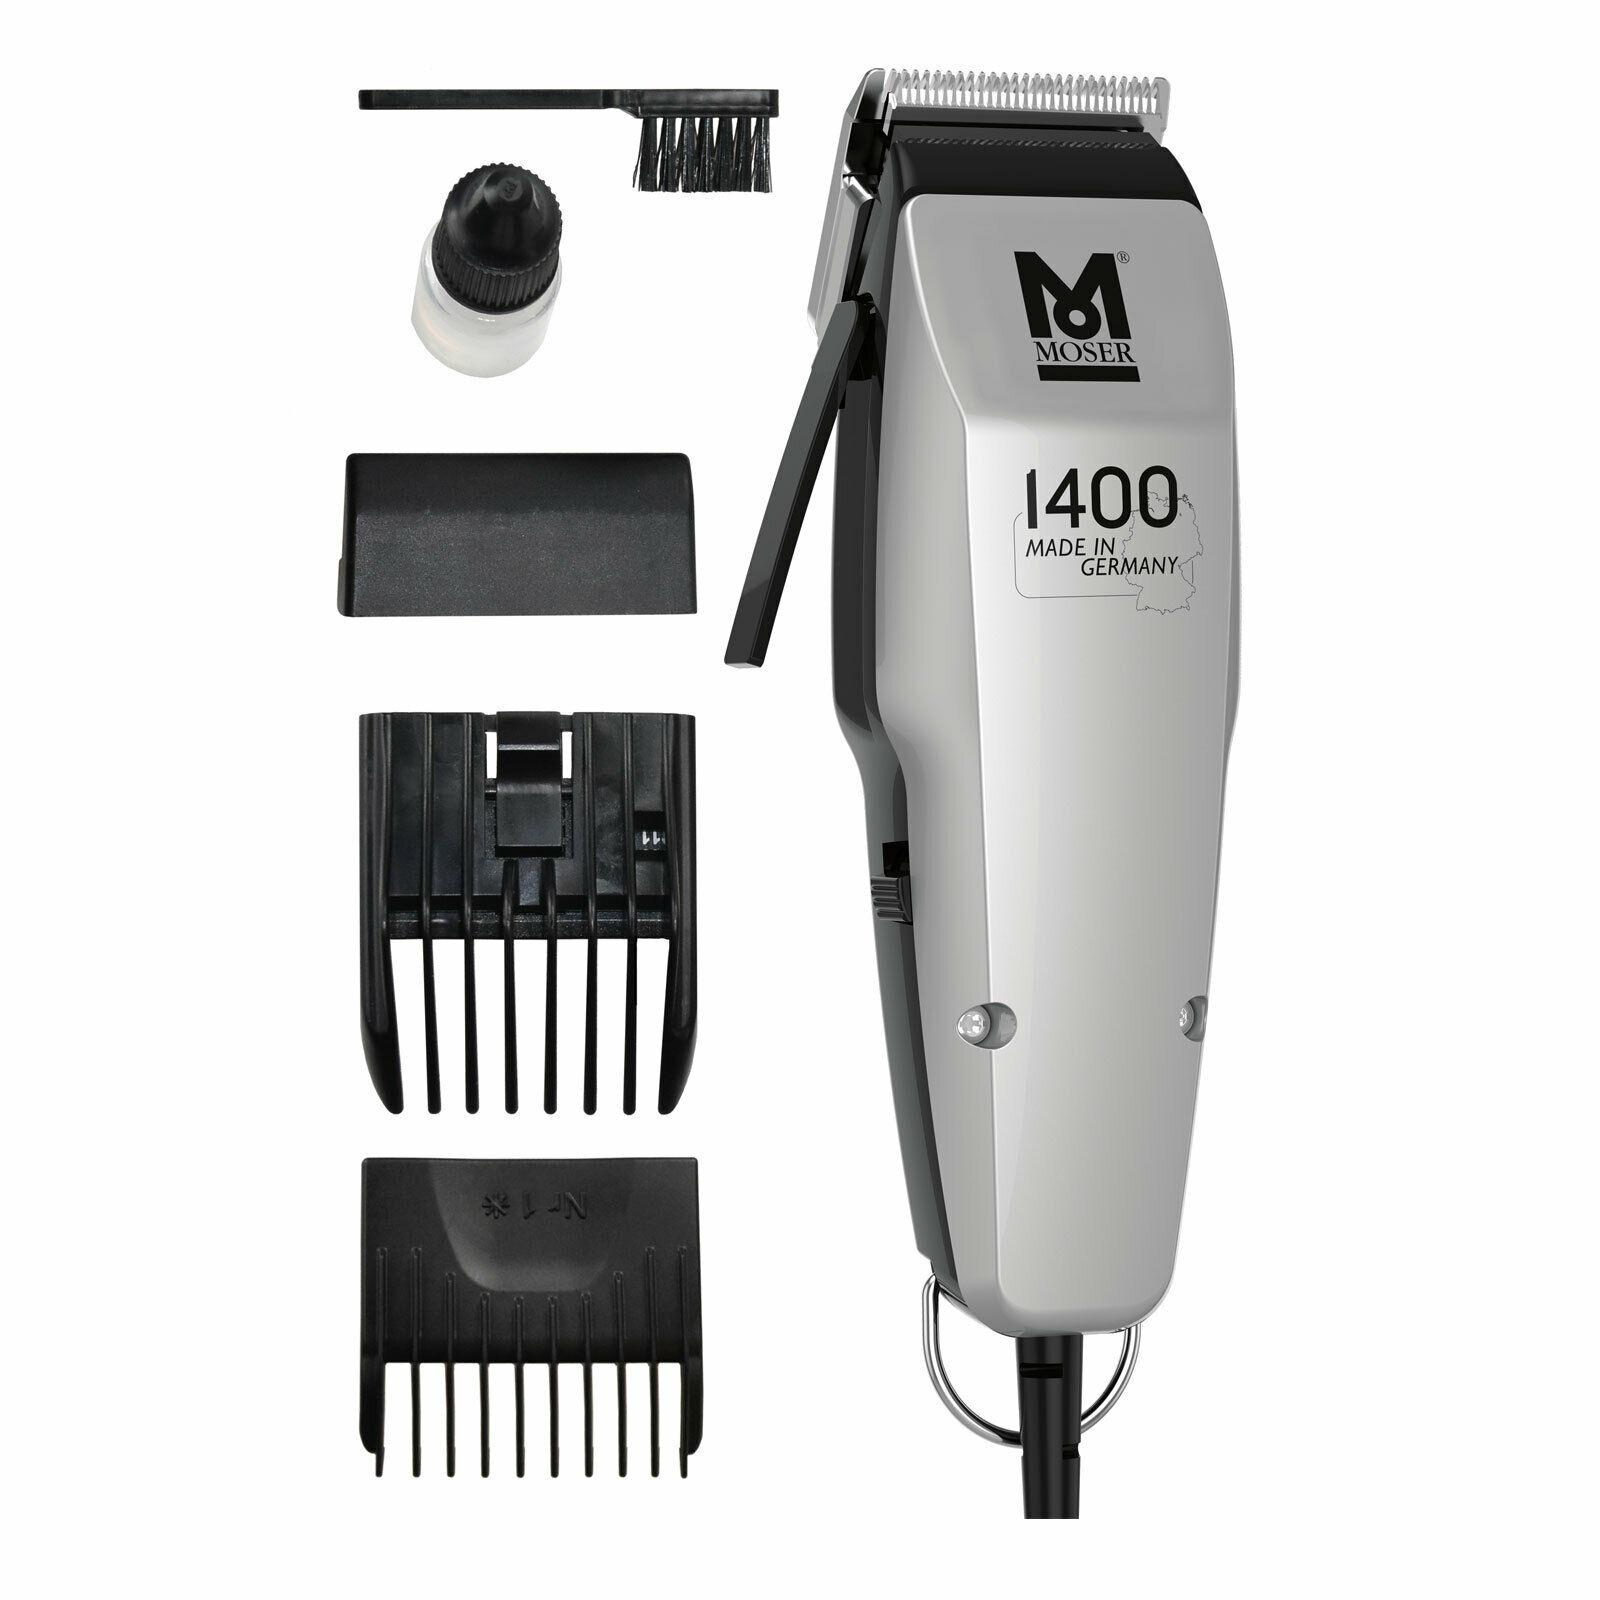 [Kaufland] ab 21.11 Moser 1400 Classic Edition Haarschneidemaschine zu 17,99€